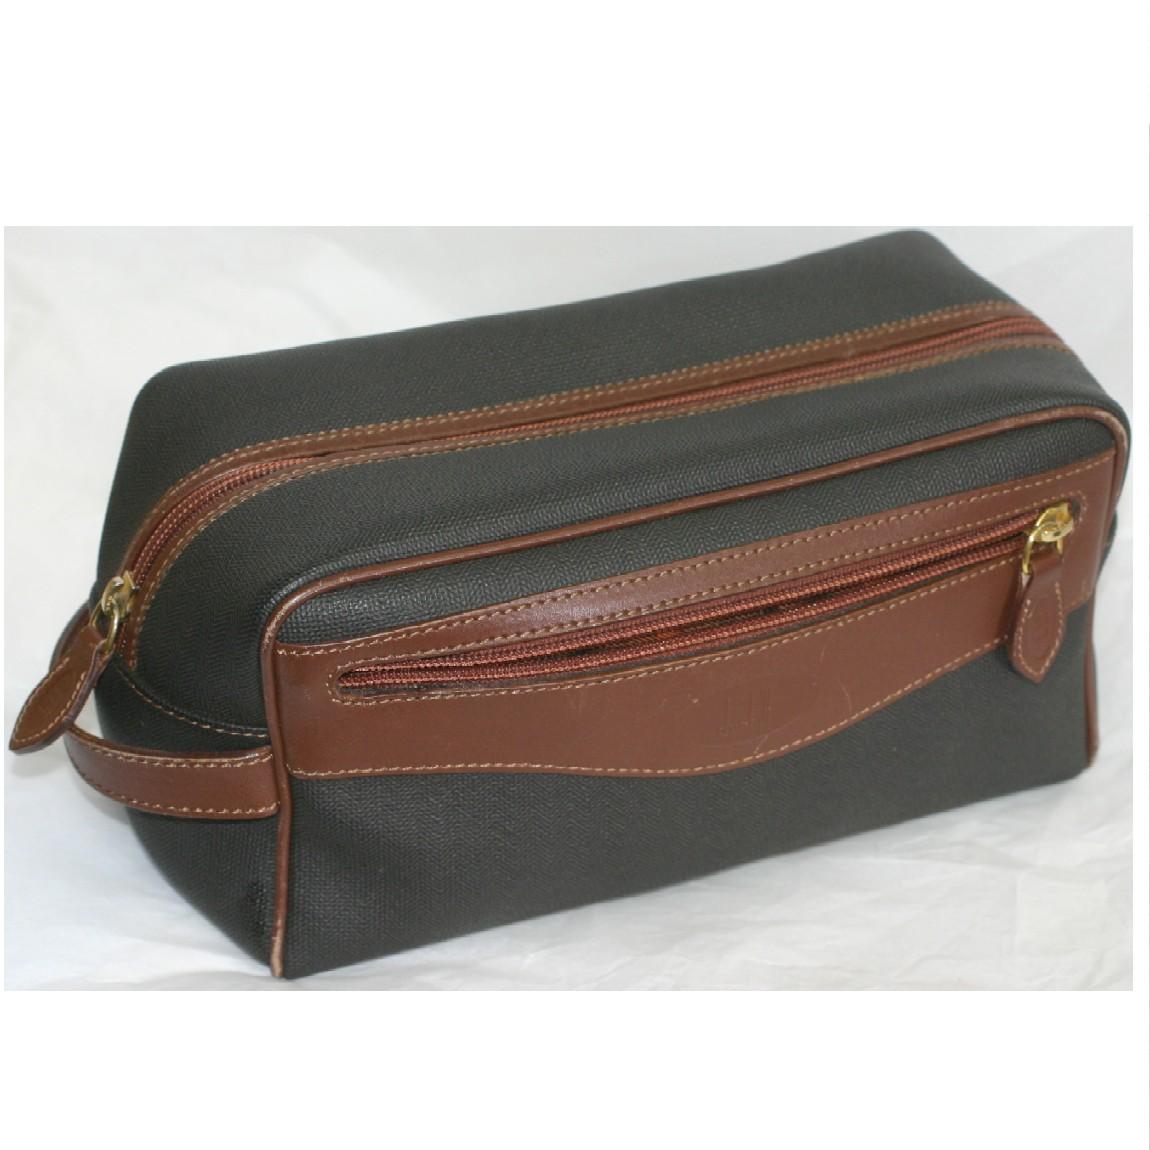 【中古】本物美品ダンヒル紳士用持ち手付縦長焦げ茶色ナイロンキャンバスx焦げ茶革セカンドバッグ